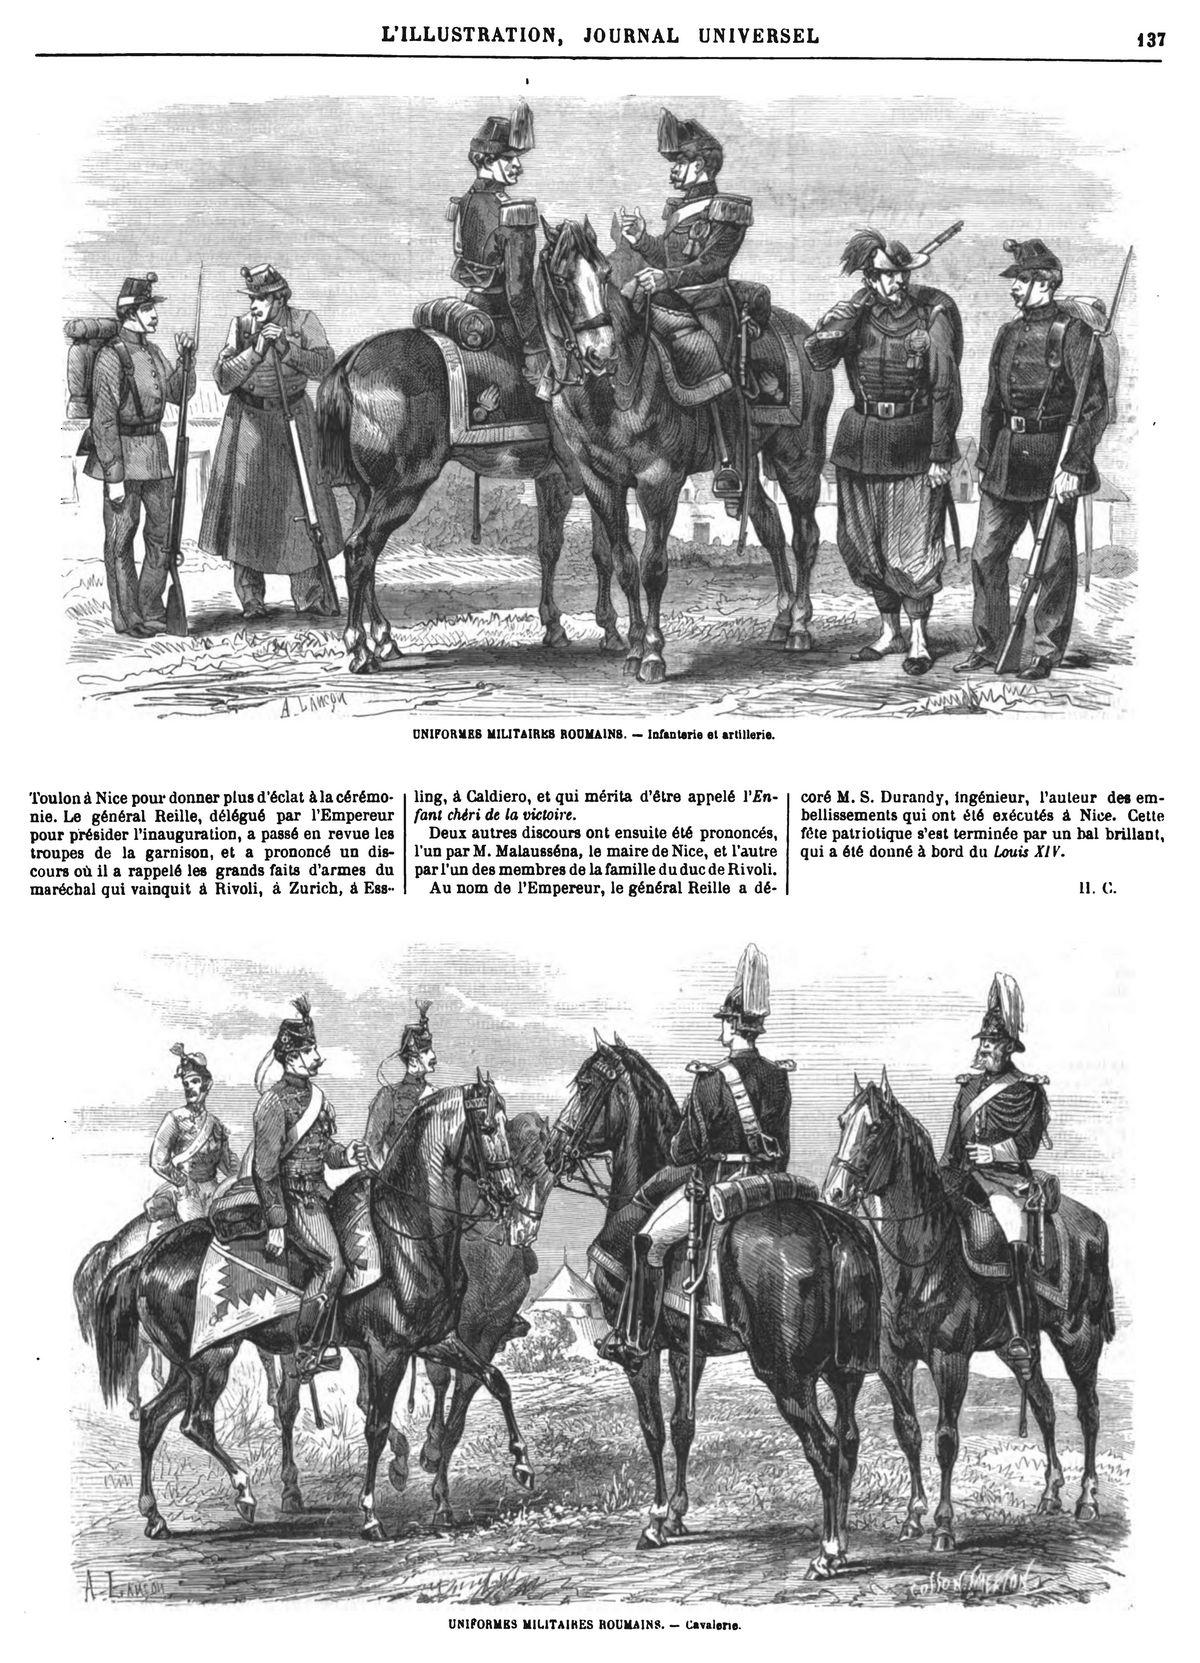 Uniformes militaires roumains.1869